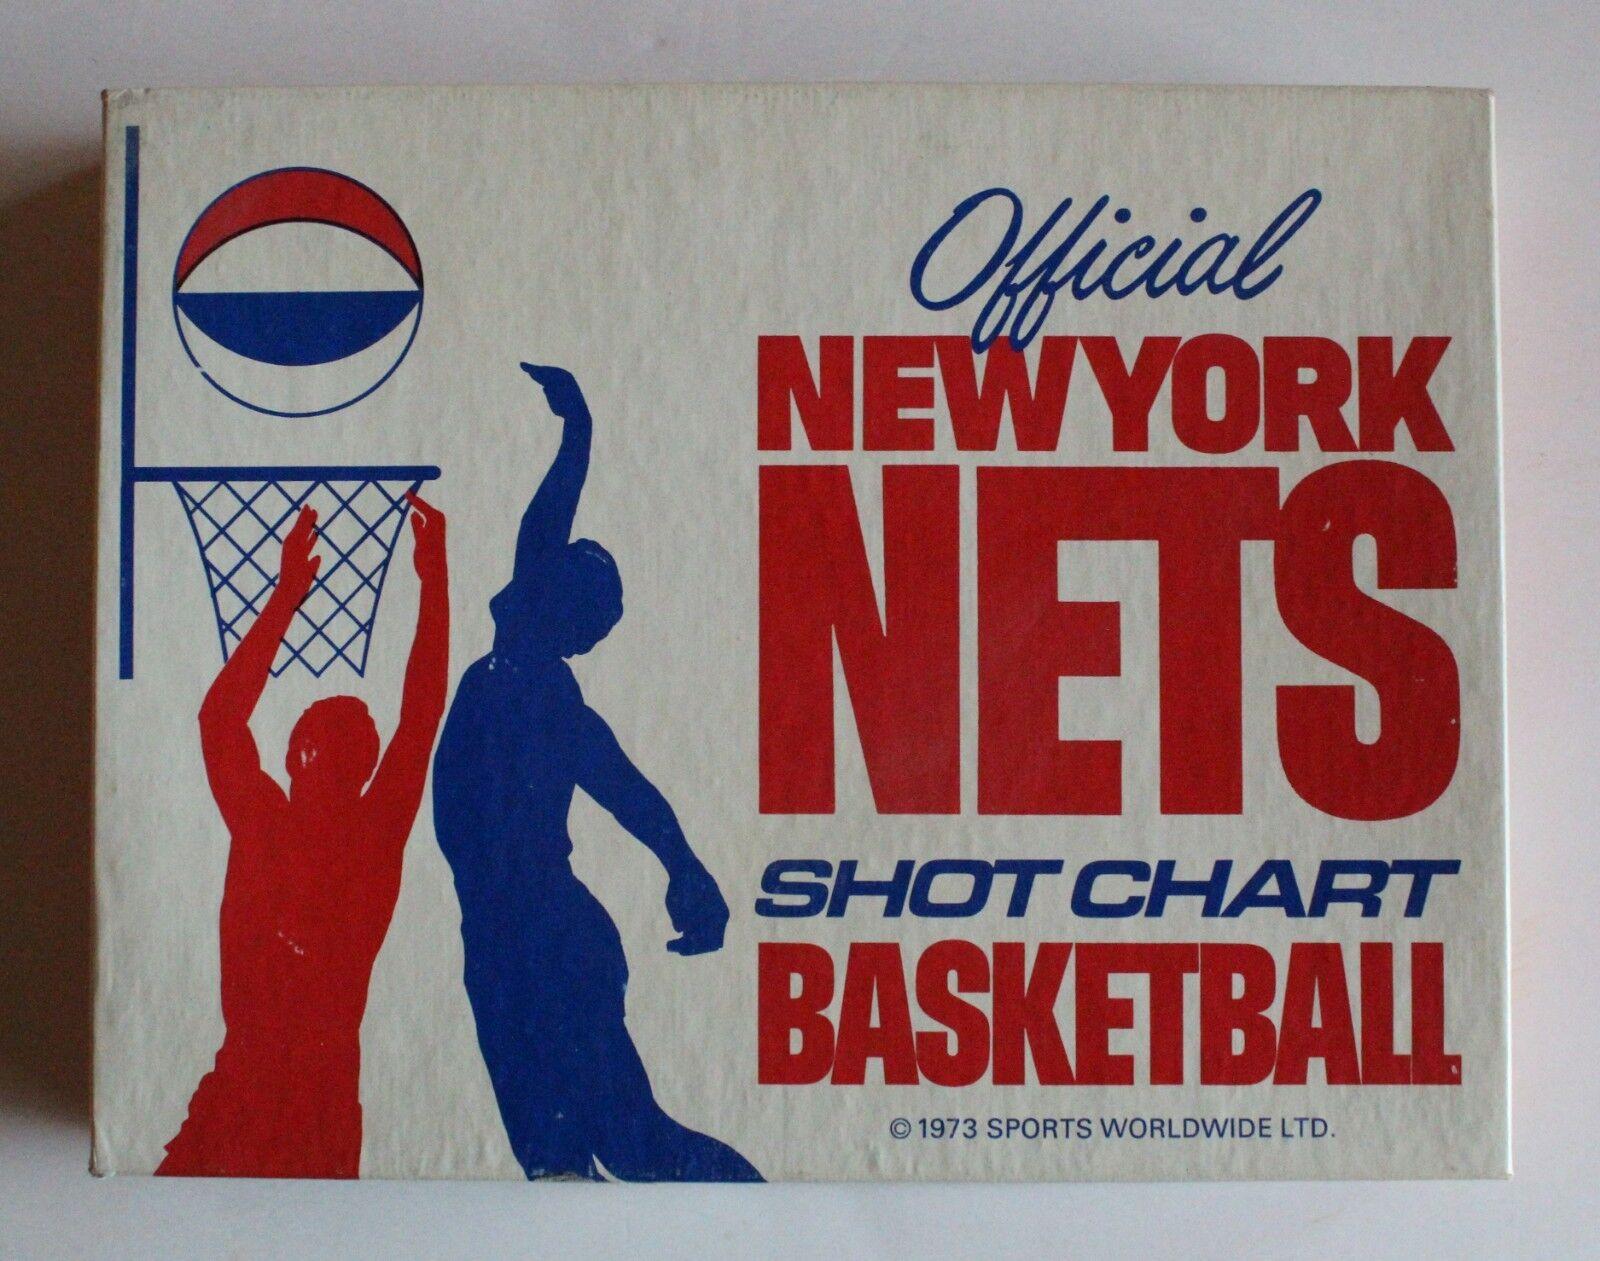 Officiel 1973 New York filets Shot Tableau Basketball Board Game